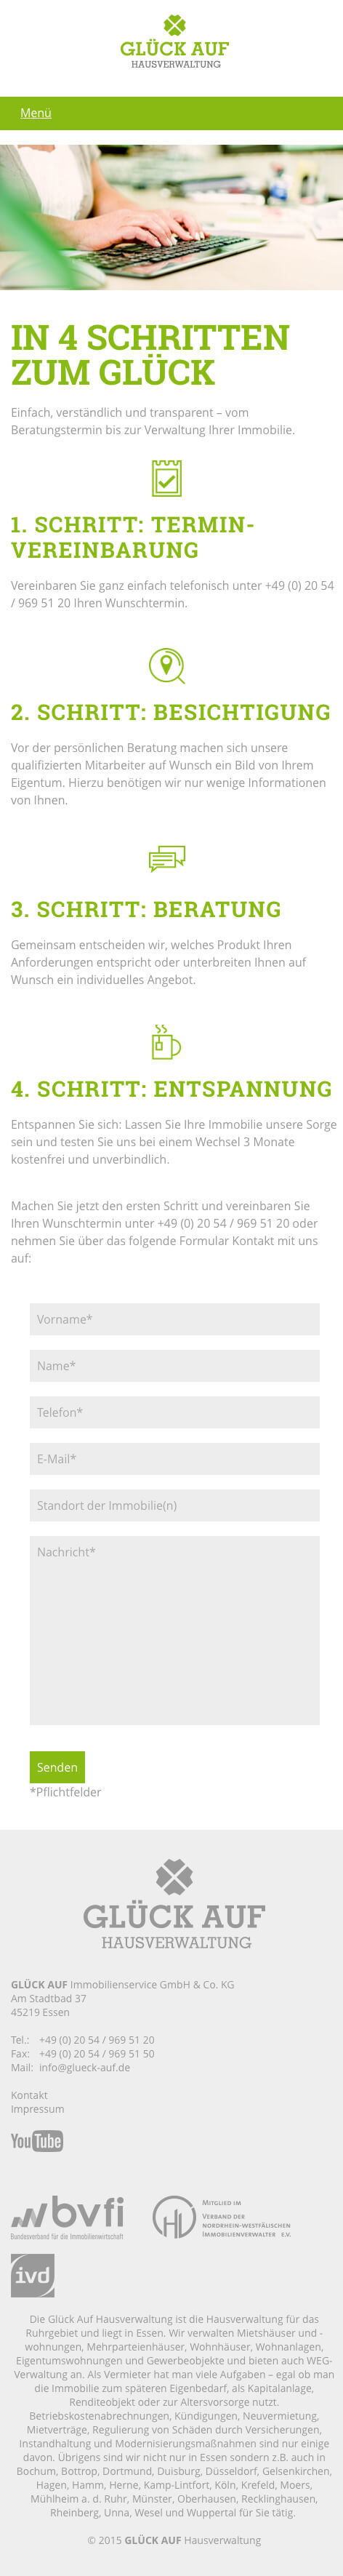 Glück Auf Hausverwaltung Responsive Webdesign